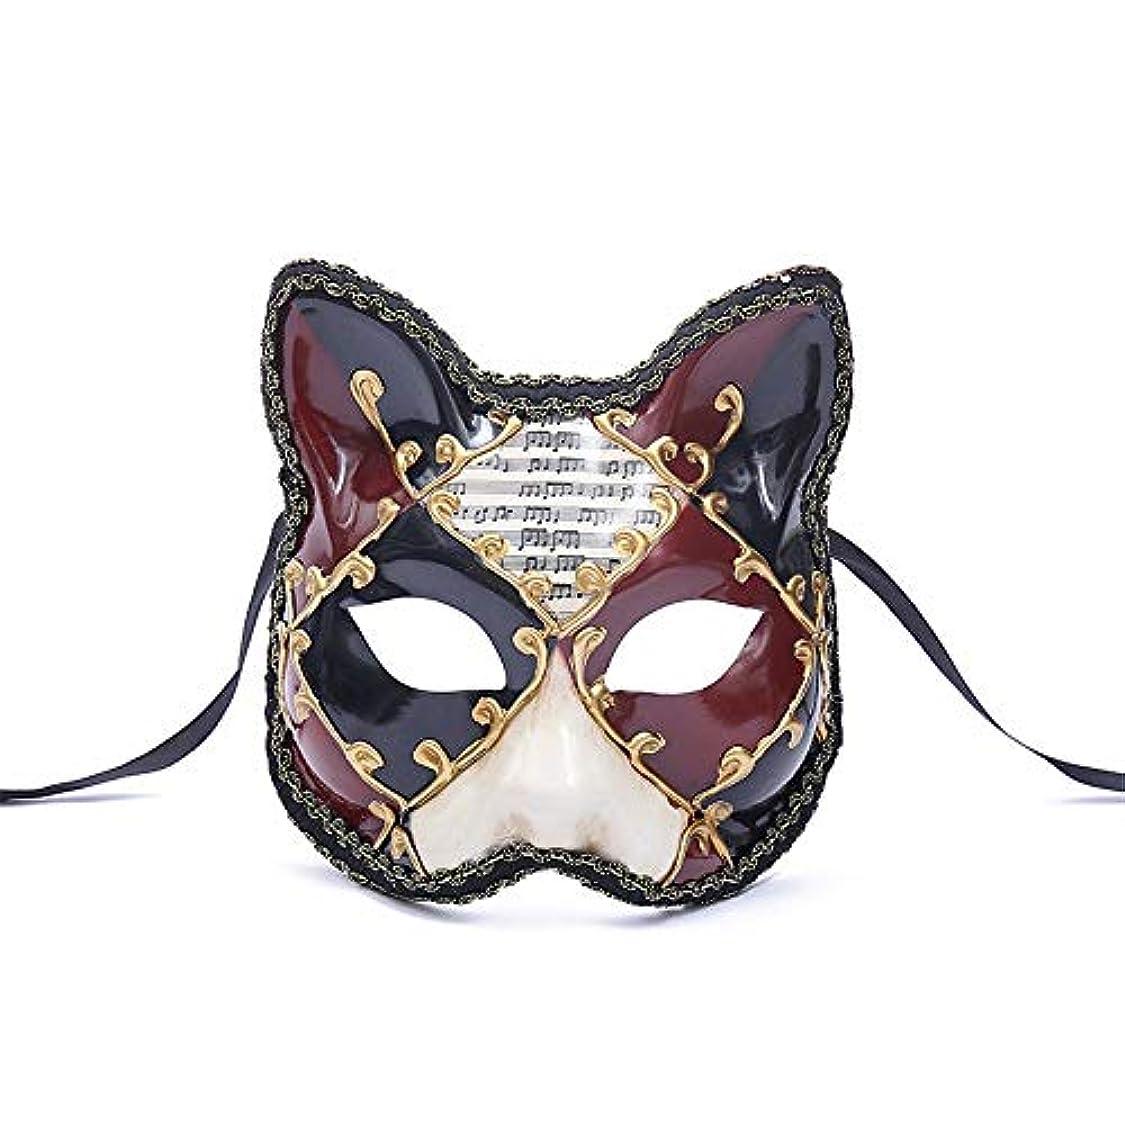 いいね拡散する形容詞ダンスマスク 大きな猫アンティーク動物レトロコスプレハロウィーン仮装マスクナイトクラブマスク雰囲気フェスティバルマスク ホリデーパーティー用品 (色 : 赤, サイズ : 17.5x16cm)